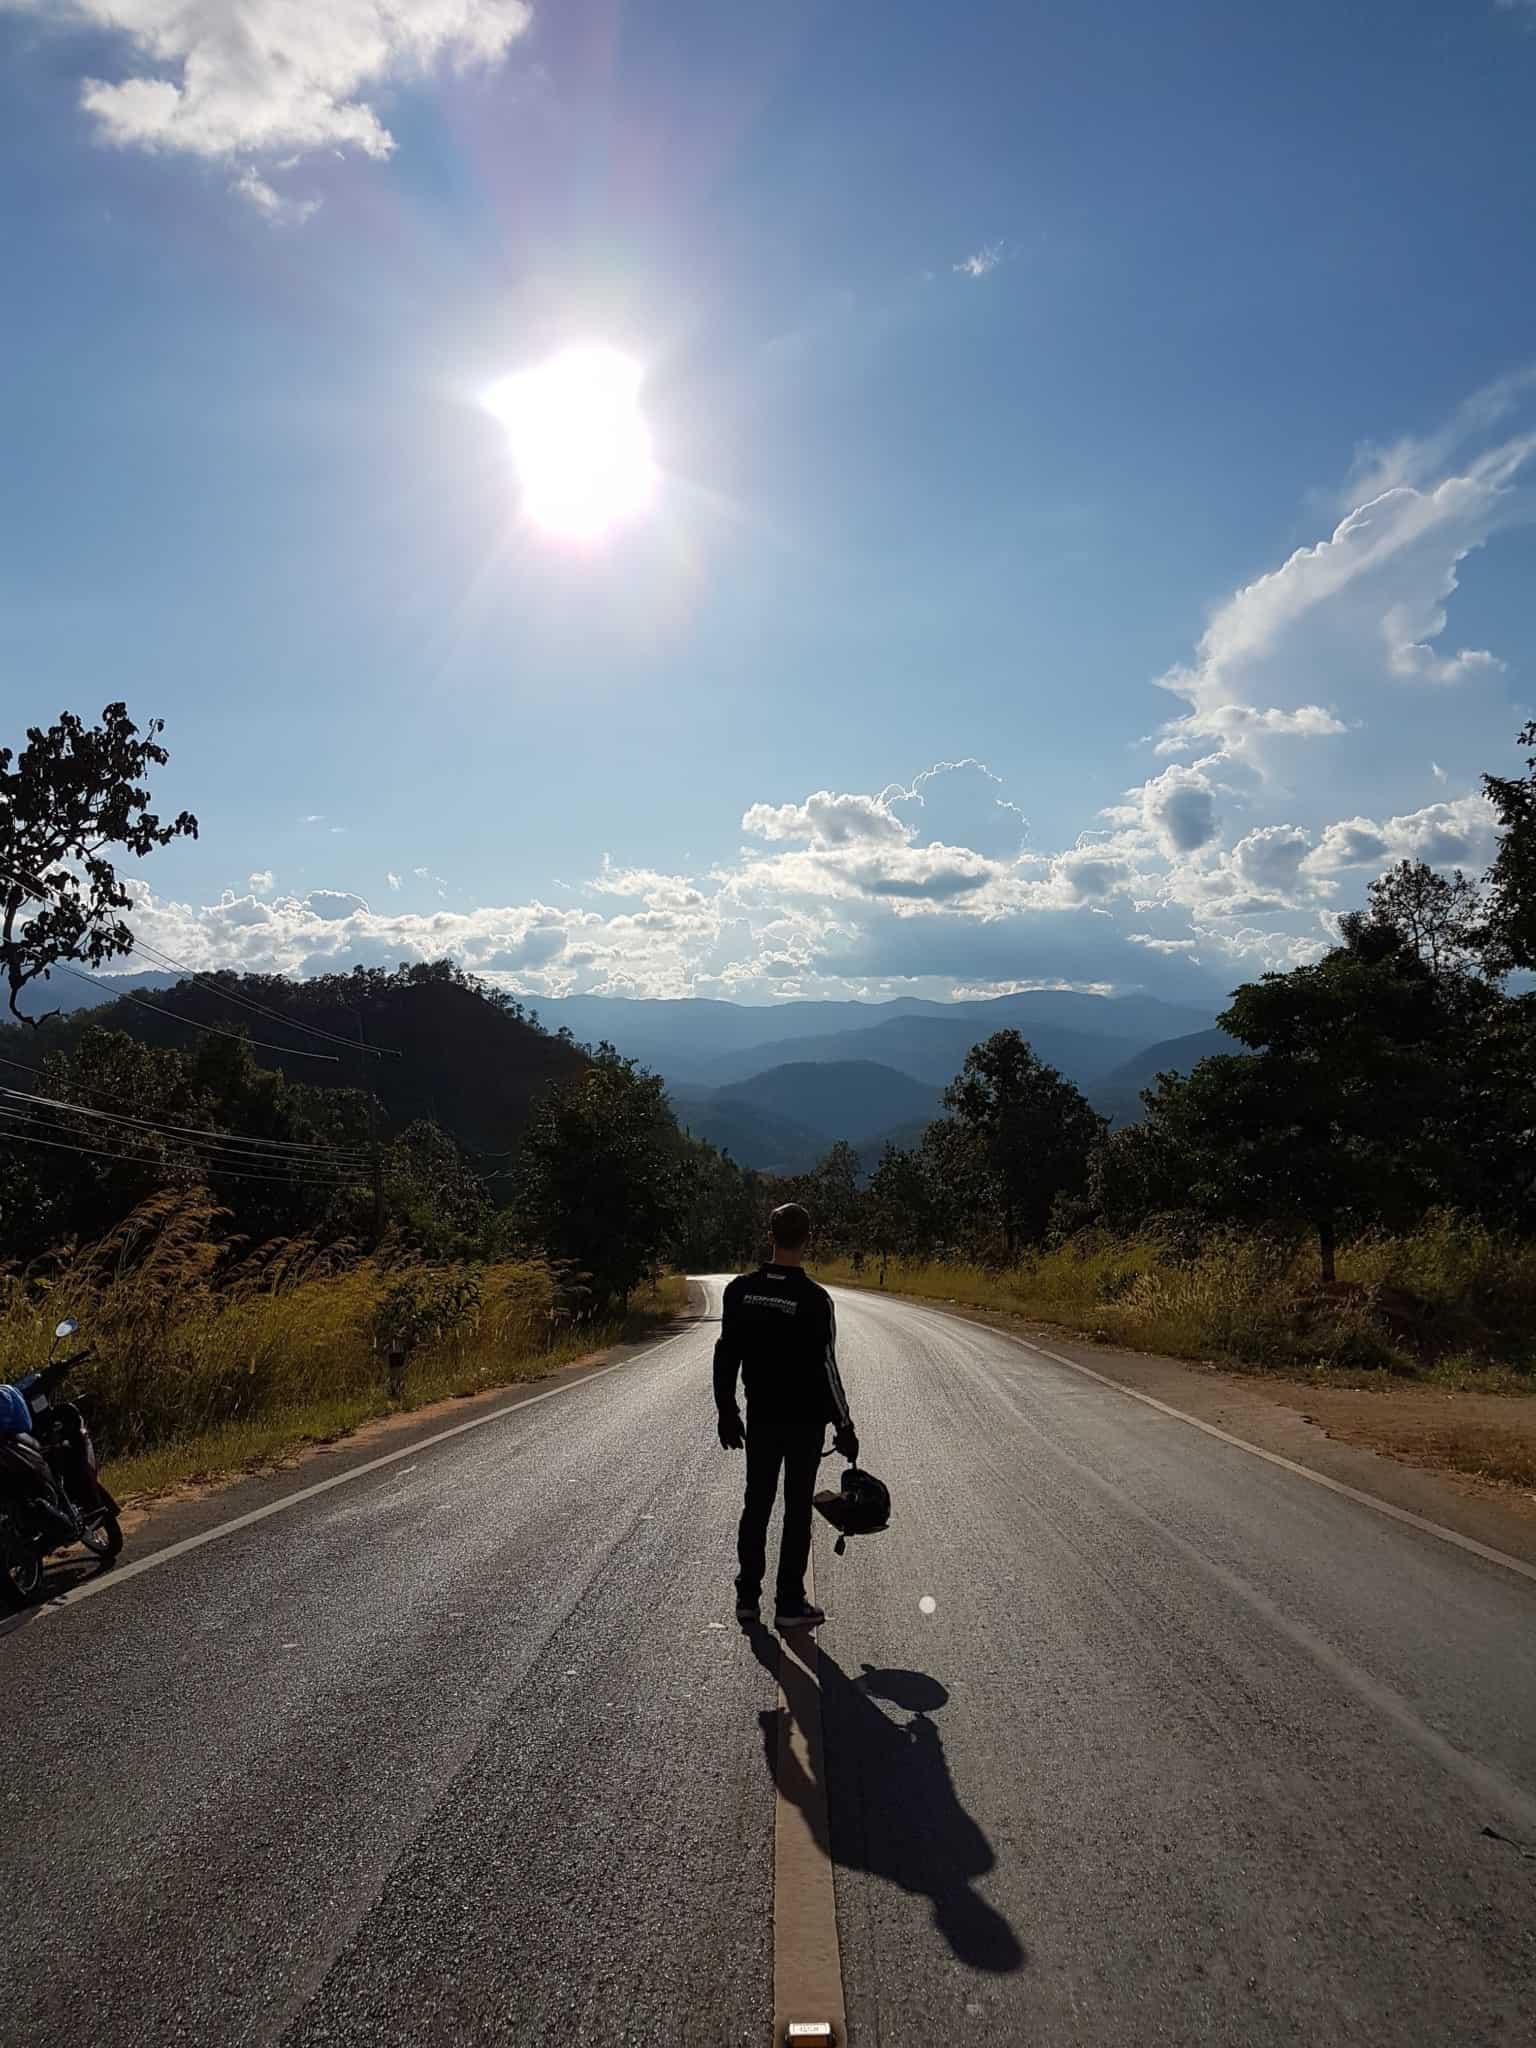 Thaïlande, bilan de ces 2 mois à sillonner les routes à moto 🧡 6